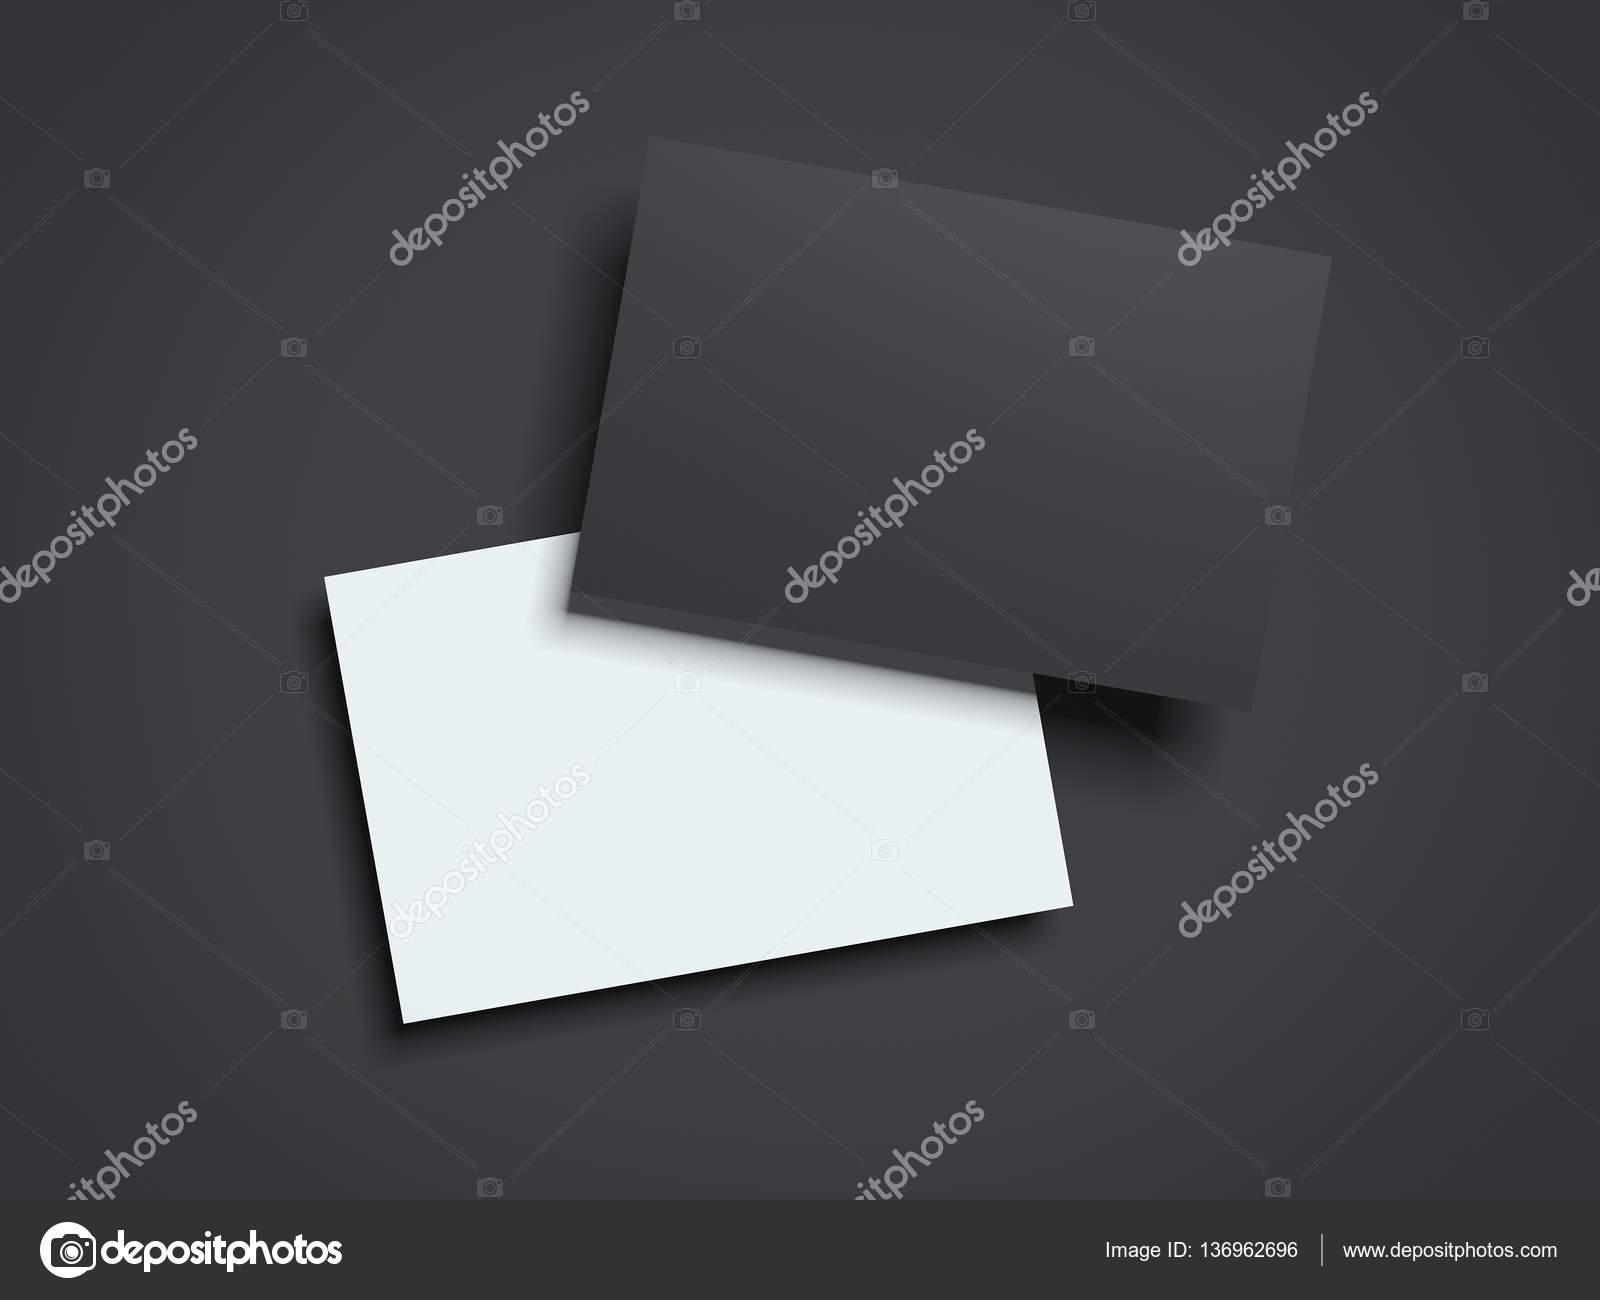 Cartes De Visite Noir Et Blanc Sur Un Sol Fonc Rendu 3D Image Ekostsov